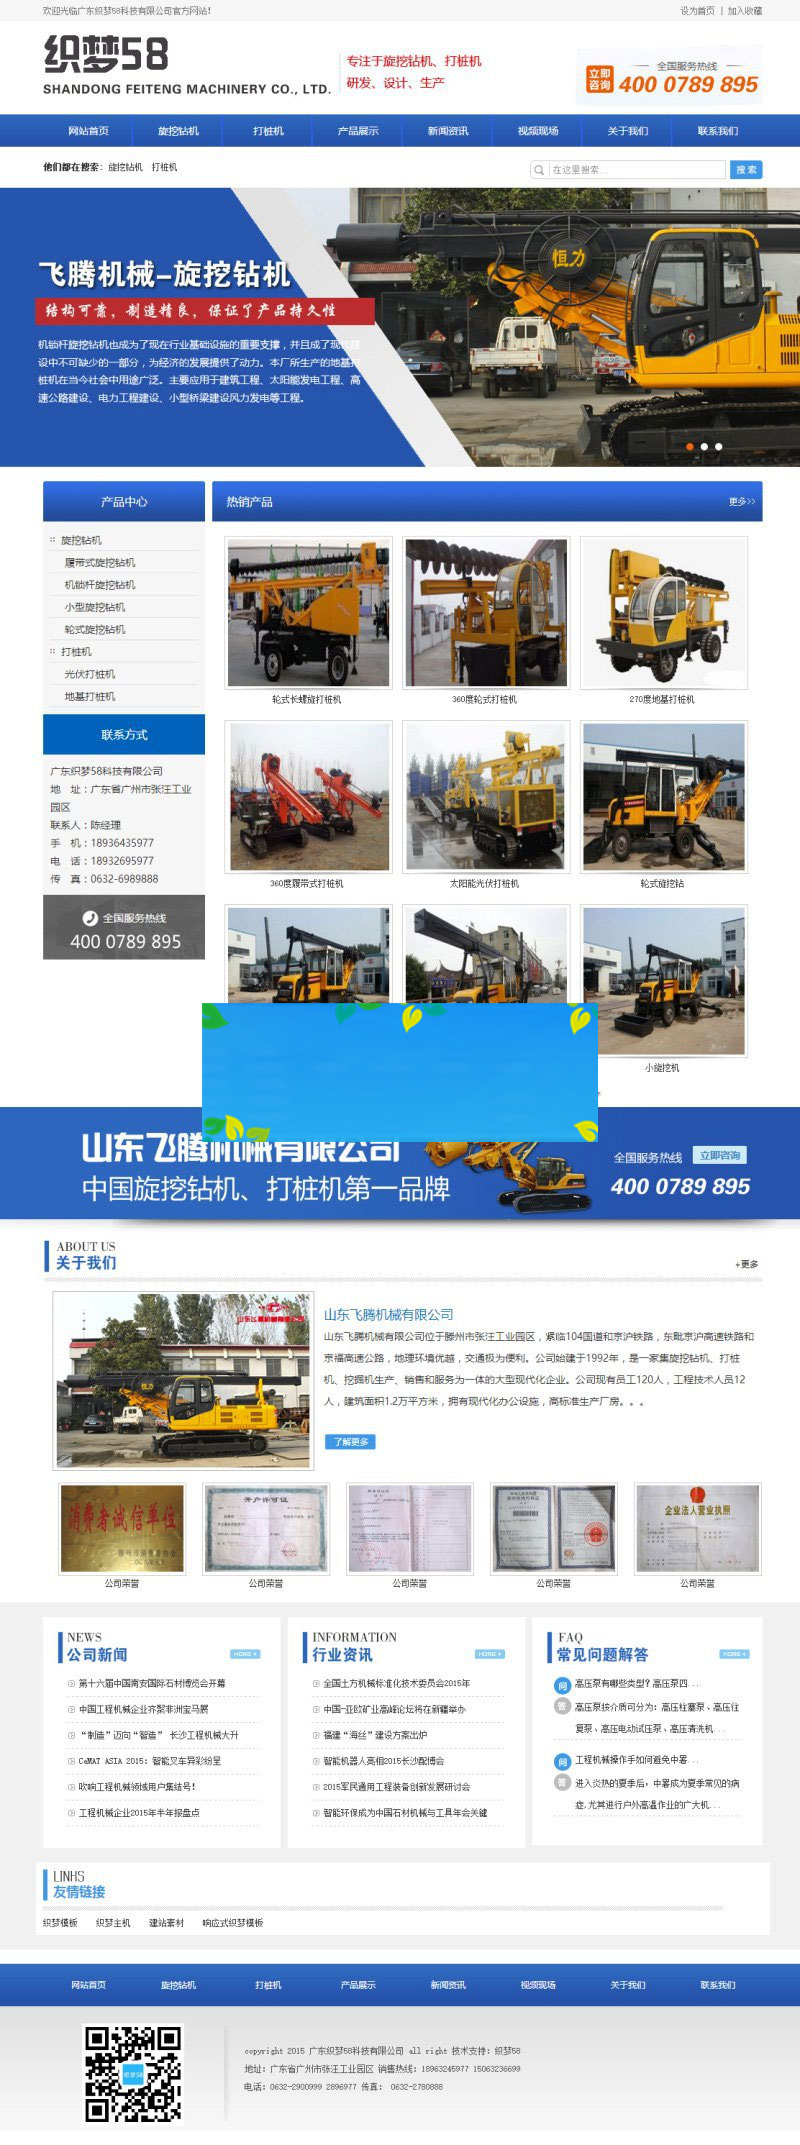 织梦dedecms蓝色挖掘机钻机机械设备公司网站模板